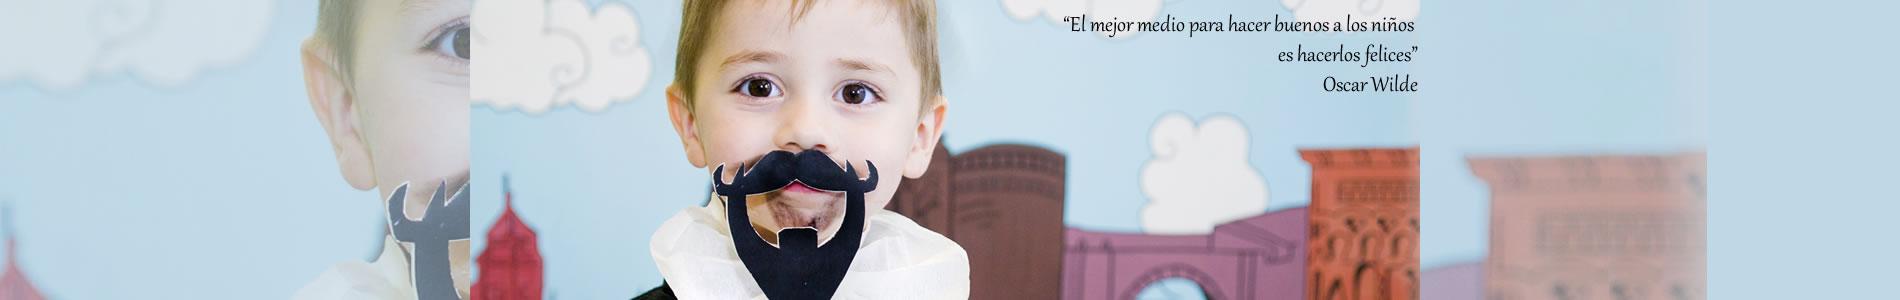 COLEGIO MAYOL - COLEGIO INTERNADO - EDUCACION INFANTIL GUARDERIA